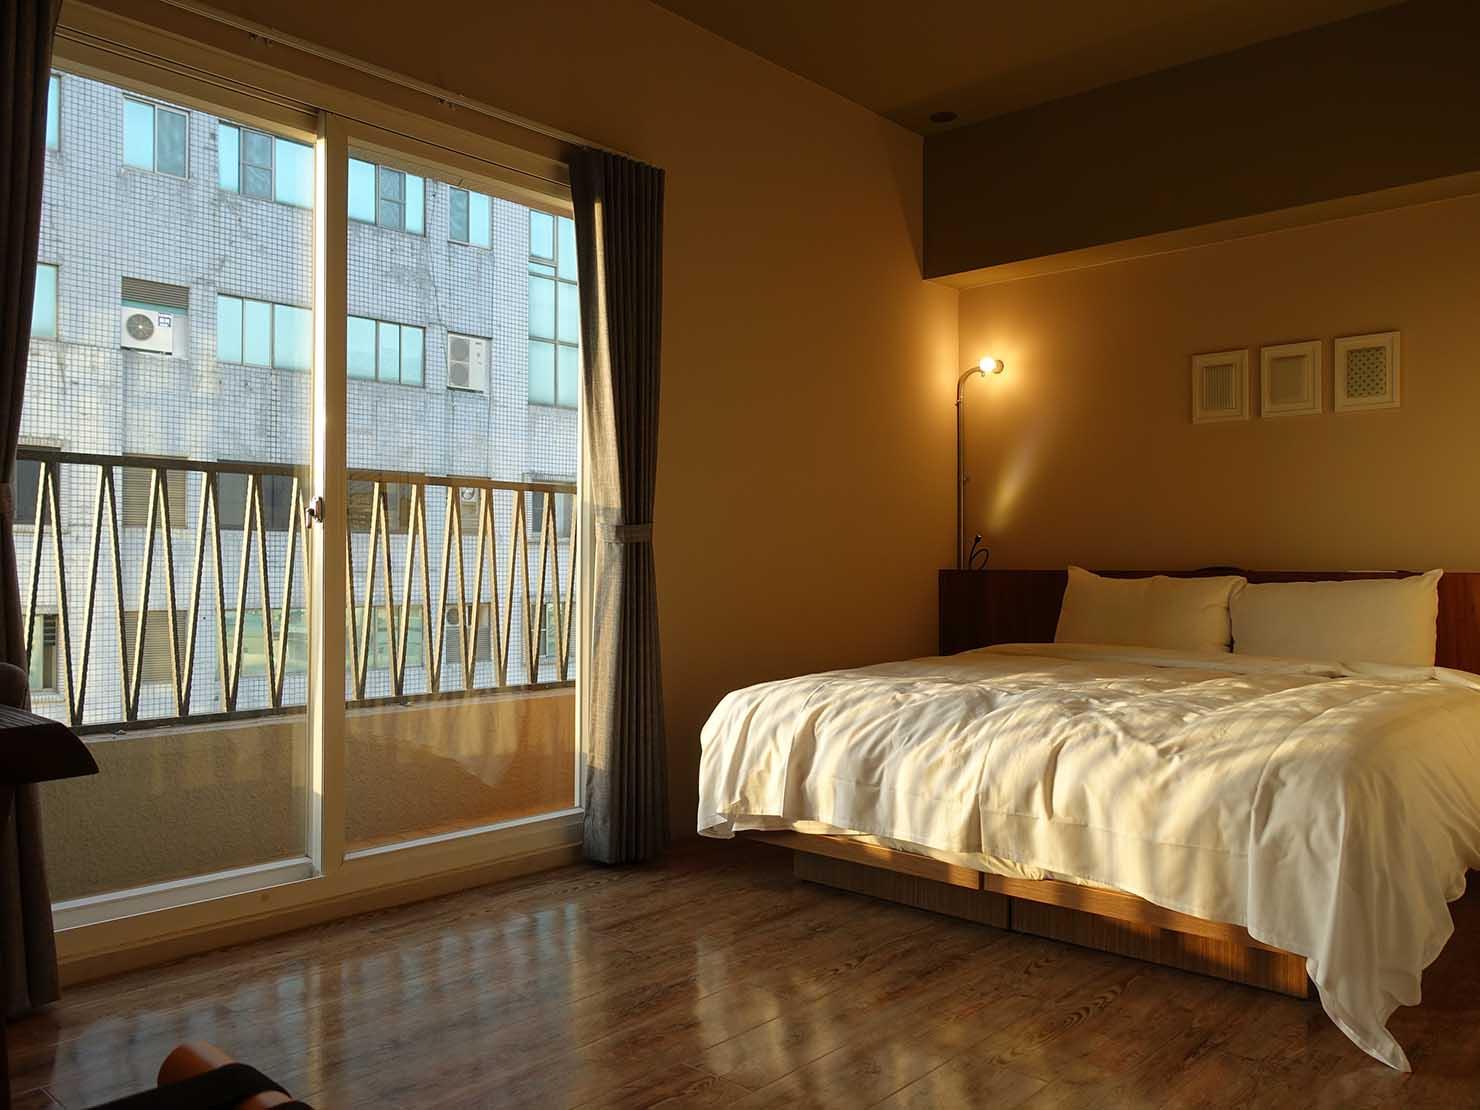 台南駅徒歩10分のかわいいデザインホテル「南方家屋 Old School」休閒雙人房(レジャーダブル)カーテンを開けた様子